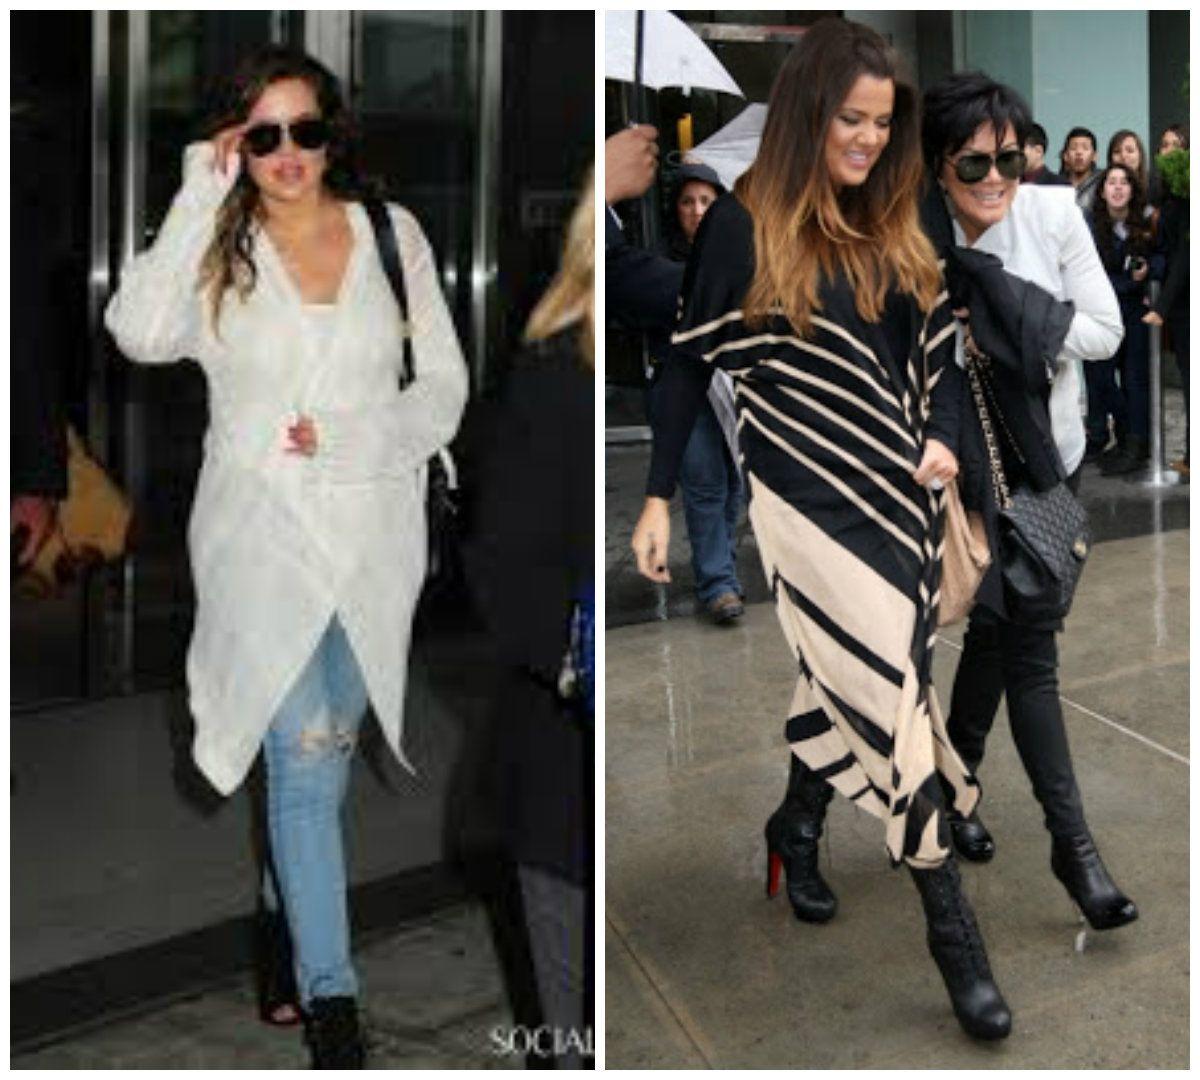 Khloe Kardashian Winter Fashion The Image Kid Has It